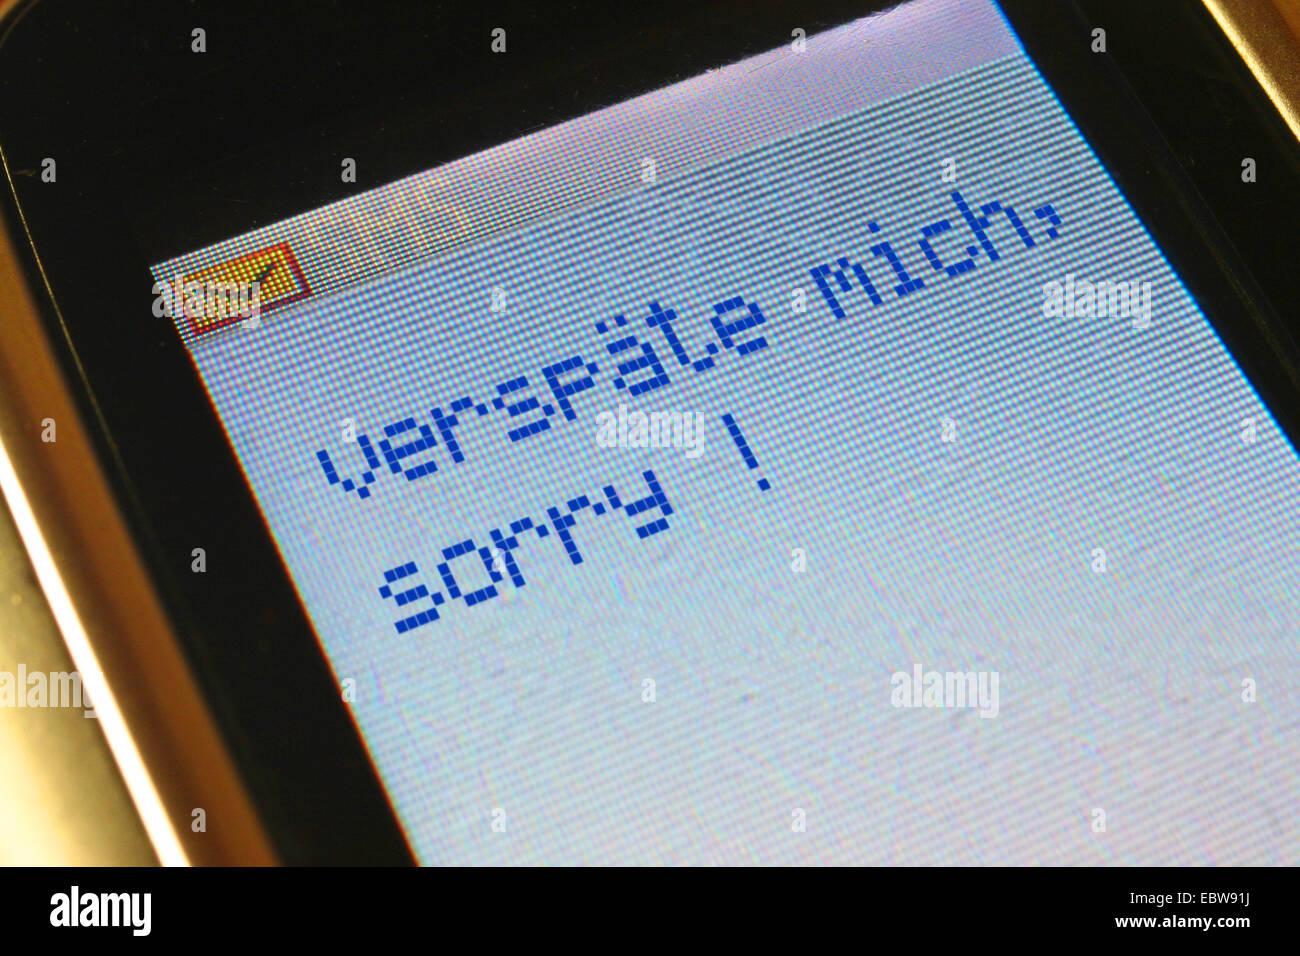 SMS en allemand je suis en retard, désolé, Verspaete mich. désolé Photo Stock